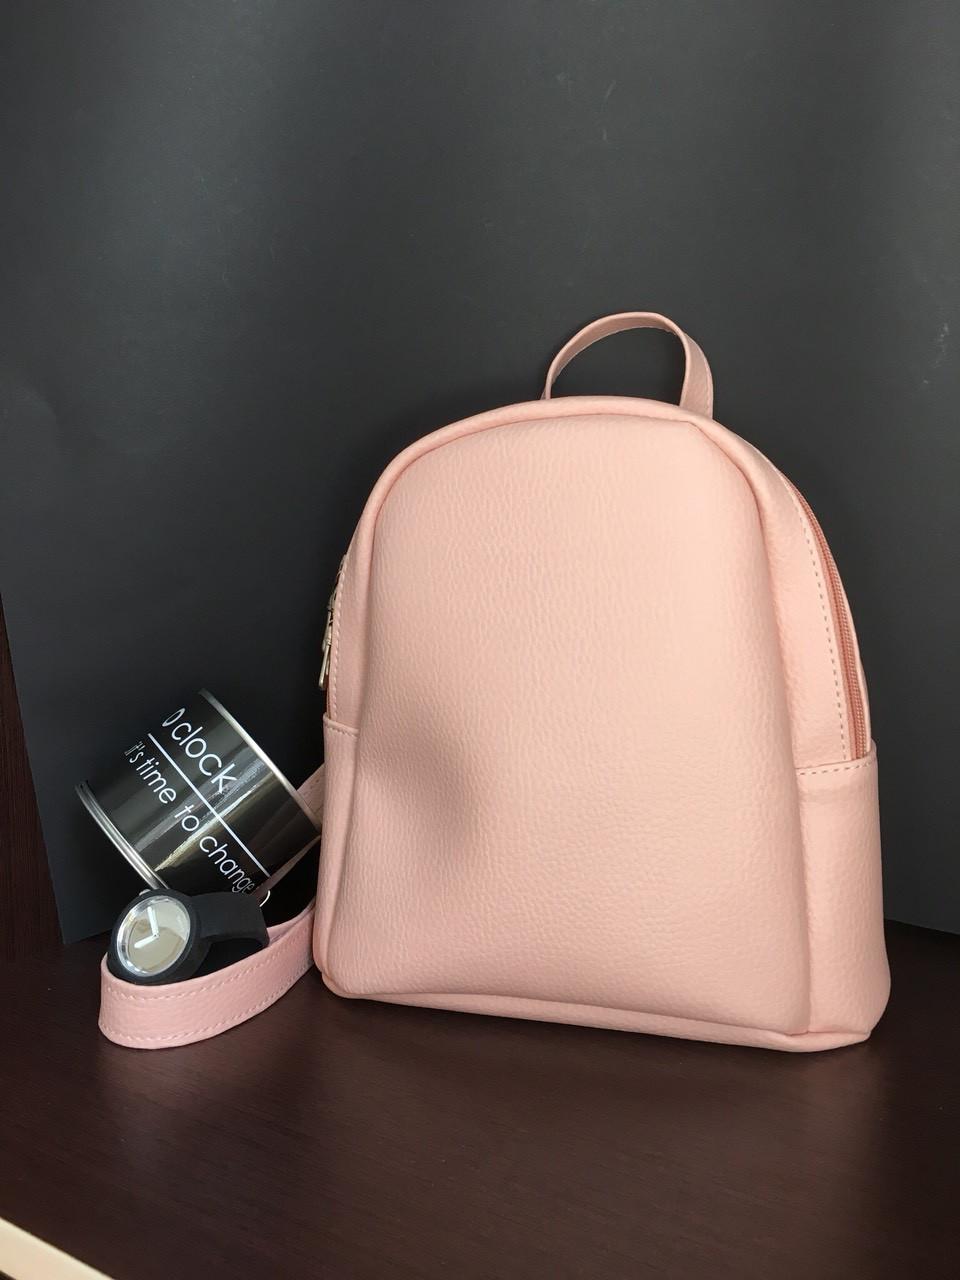 Стильный женский рюкзак маленький пудра (светло-розовая) эко-кожа ЕСТЬ  РАЗНЫЕ ЦВЕТА afc4d7bd841